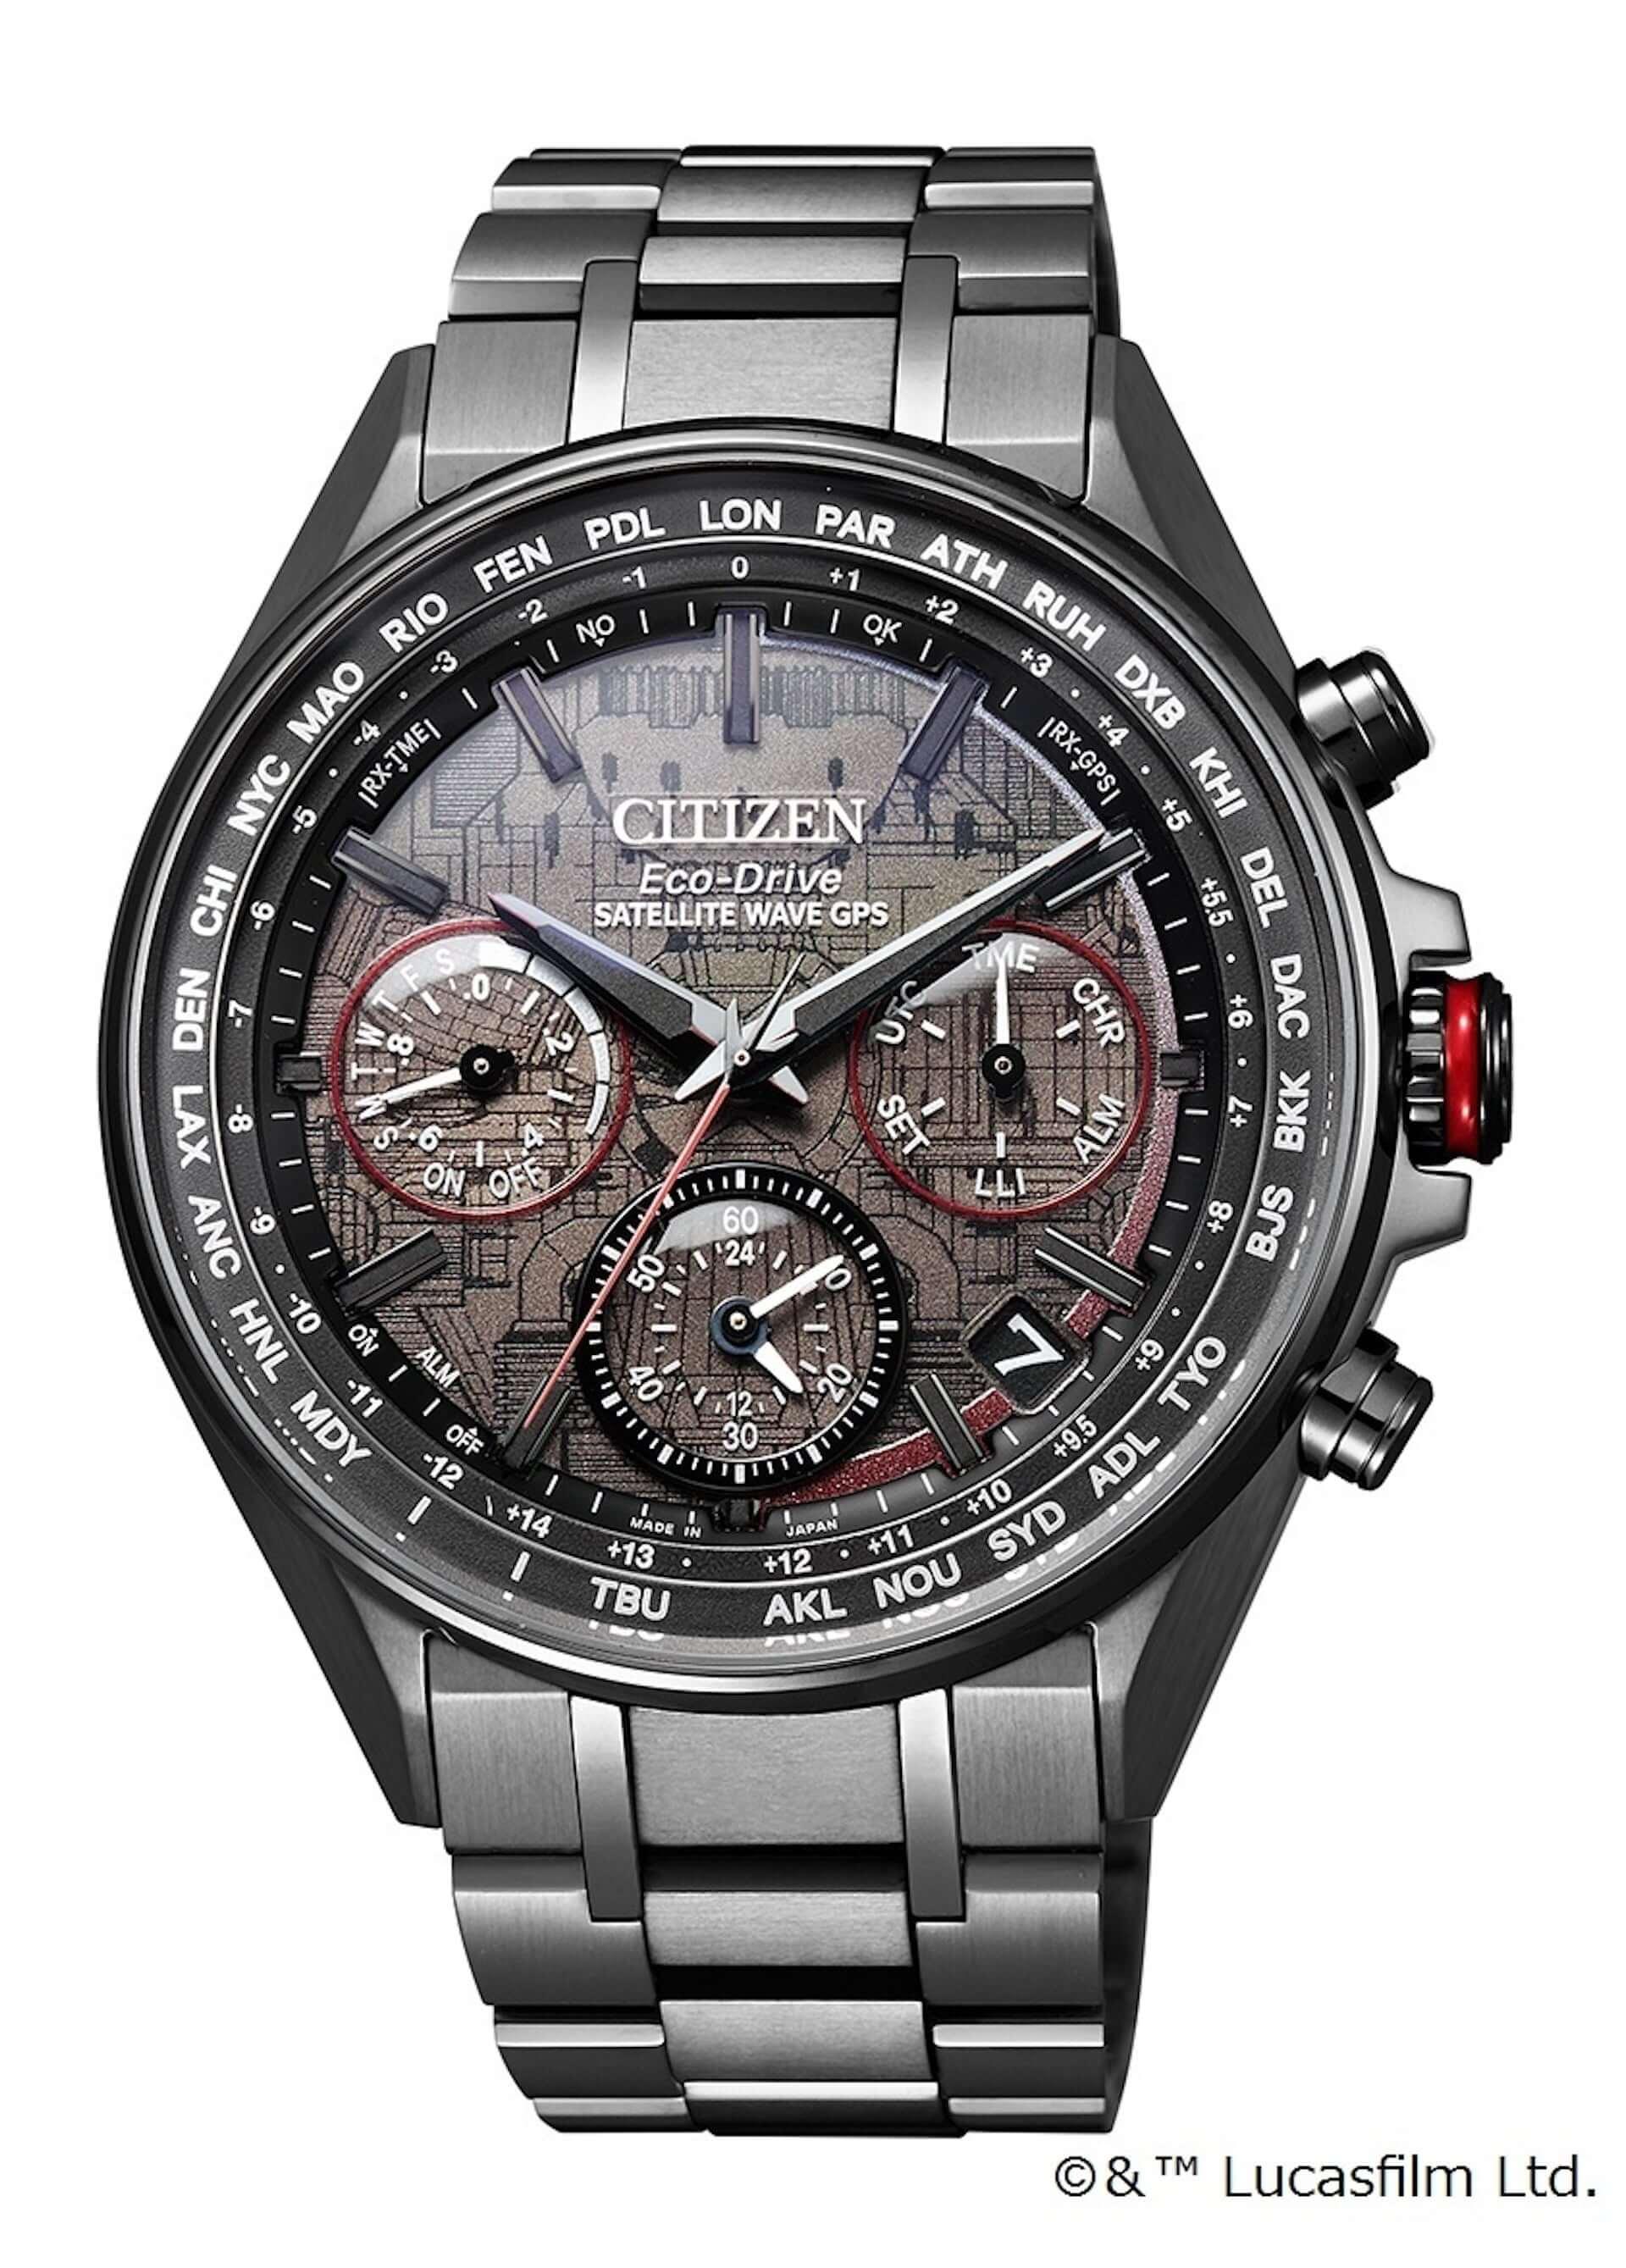 時計にフォースを......『CITIZEN ATTESA』スター・ウォーズ限定2モデルが登場! life190904_starwars_citizen_1-1920x2678